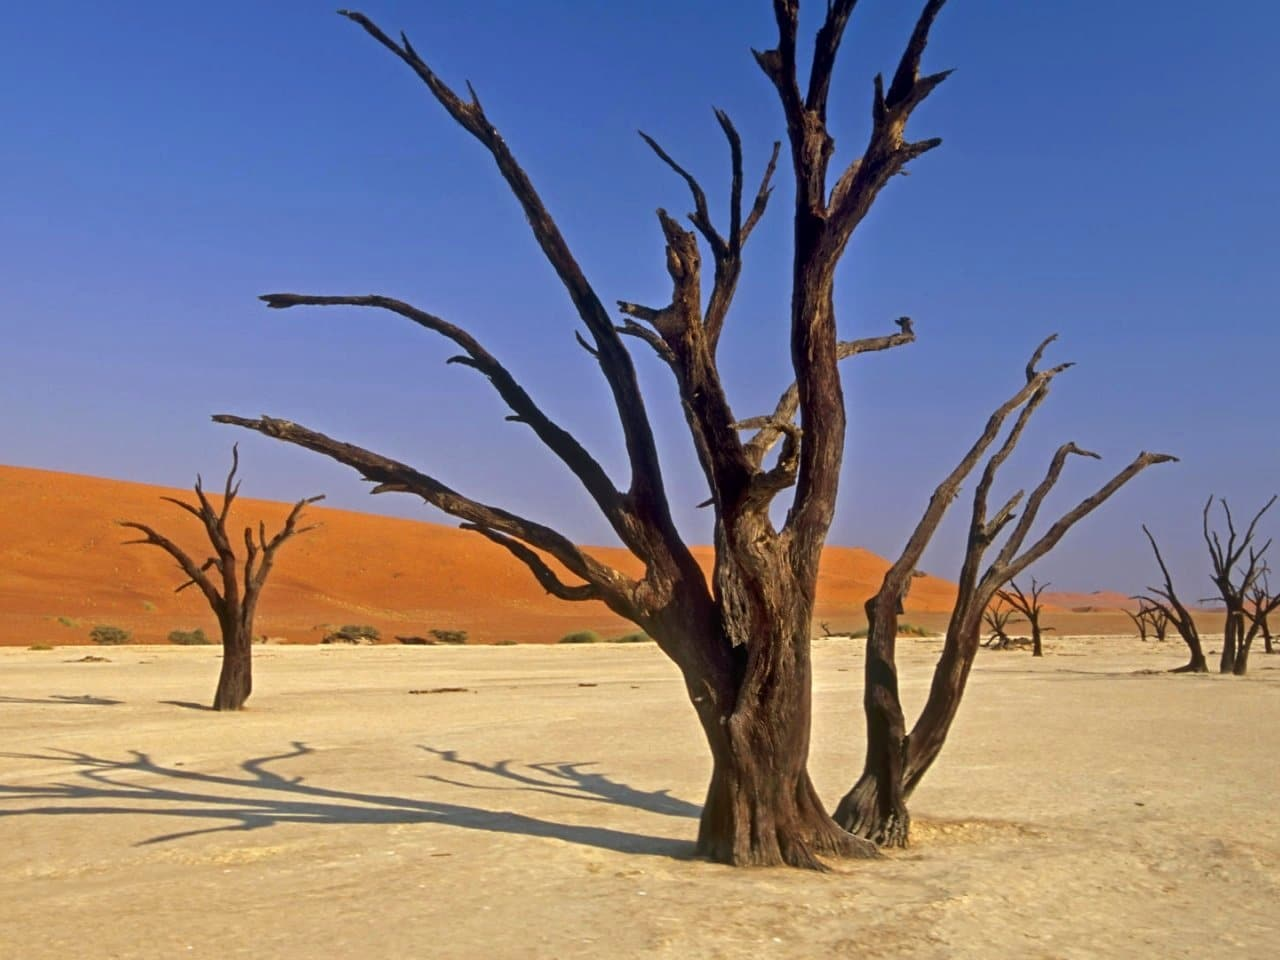 Arborii din Sossuvlei crează uimire în rândul vizitatorilor